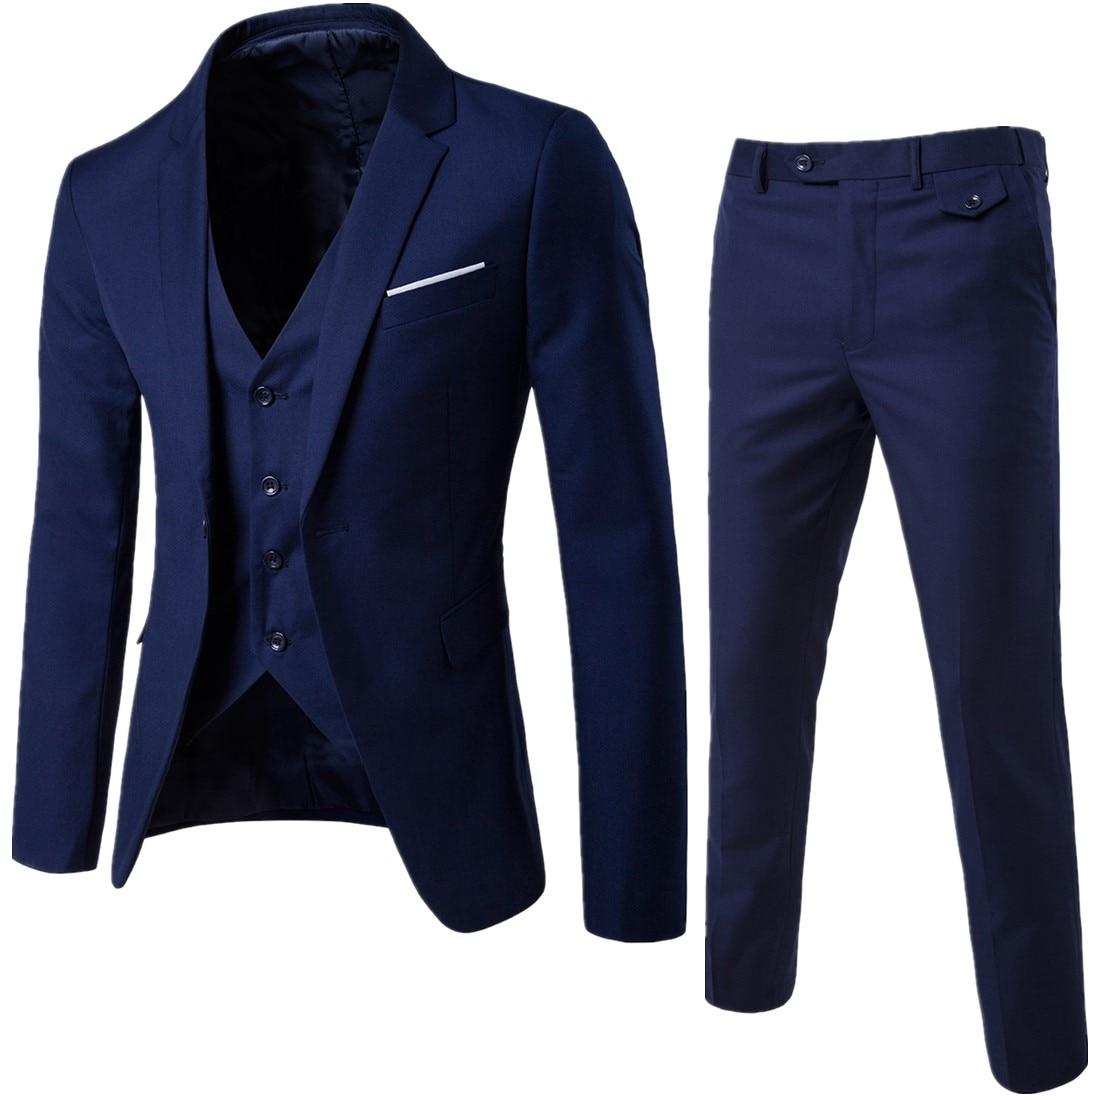 MarKyi 2017 nouvelle grande taille 6xl pour homme mariage marié bonne qualité décontracté costumes hommes 3 peiece (veste + pantalon + gilet)